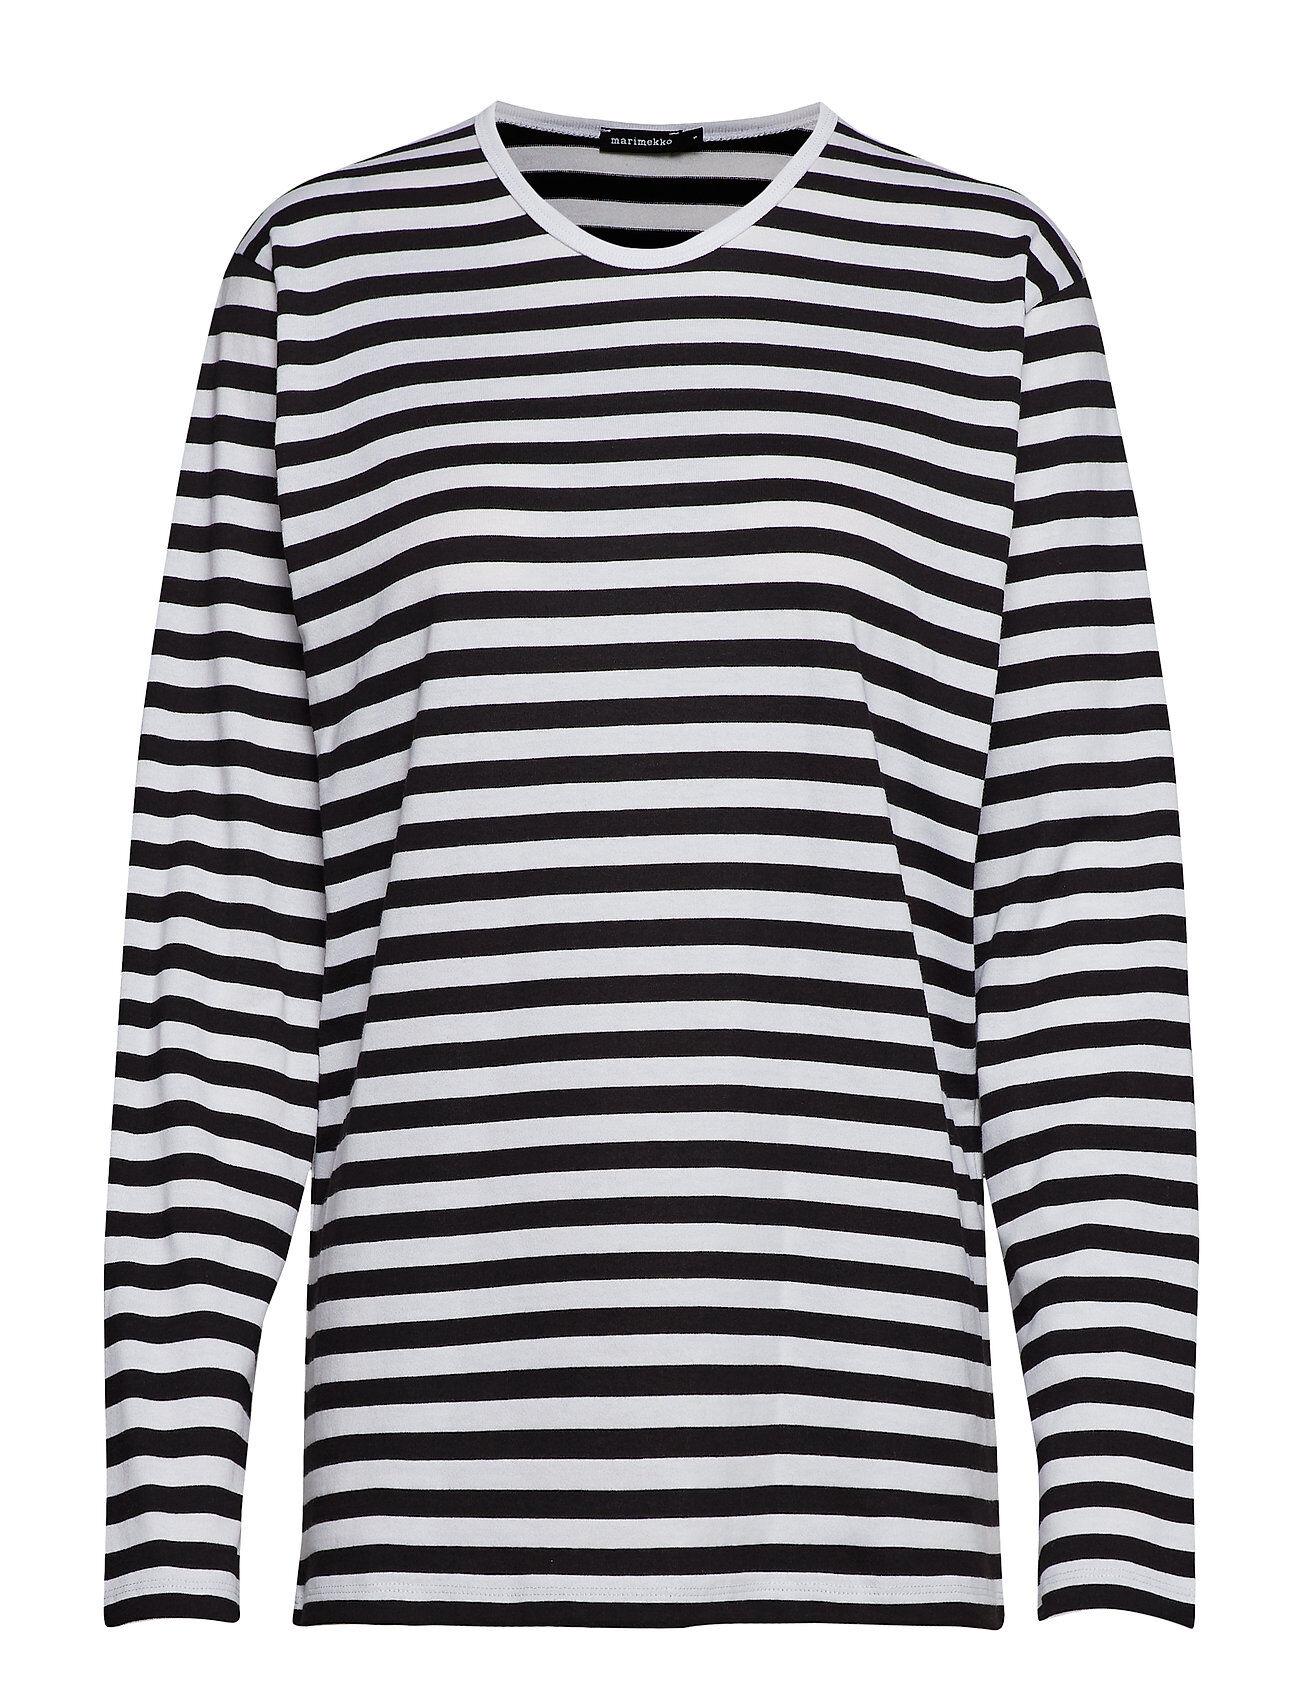 Marimekko PitkÄHiha 2017 Shirt T-shirts & Tops Long-sleeved Monivärinen/Kuvioitu Marimekko